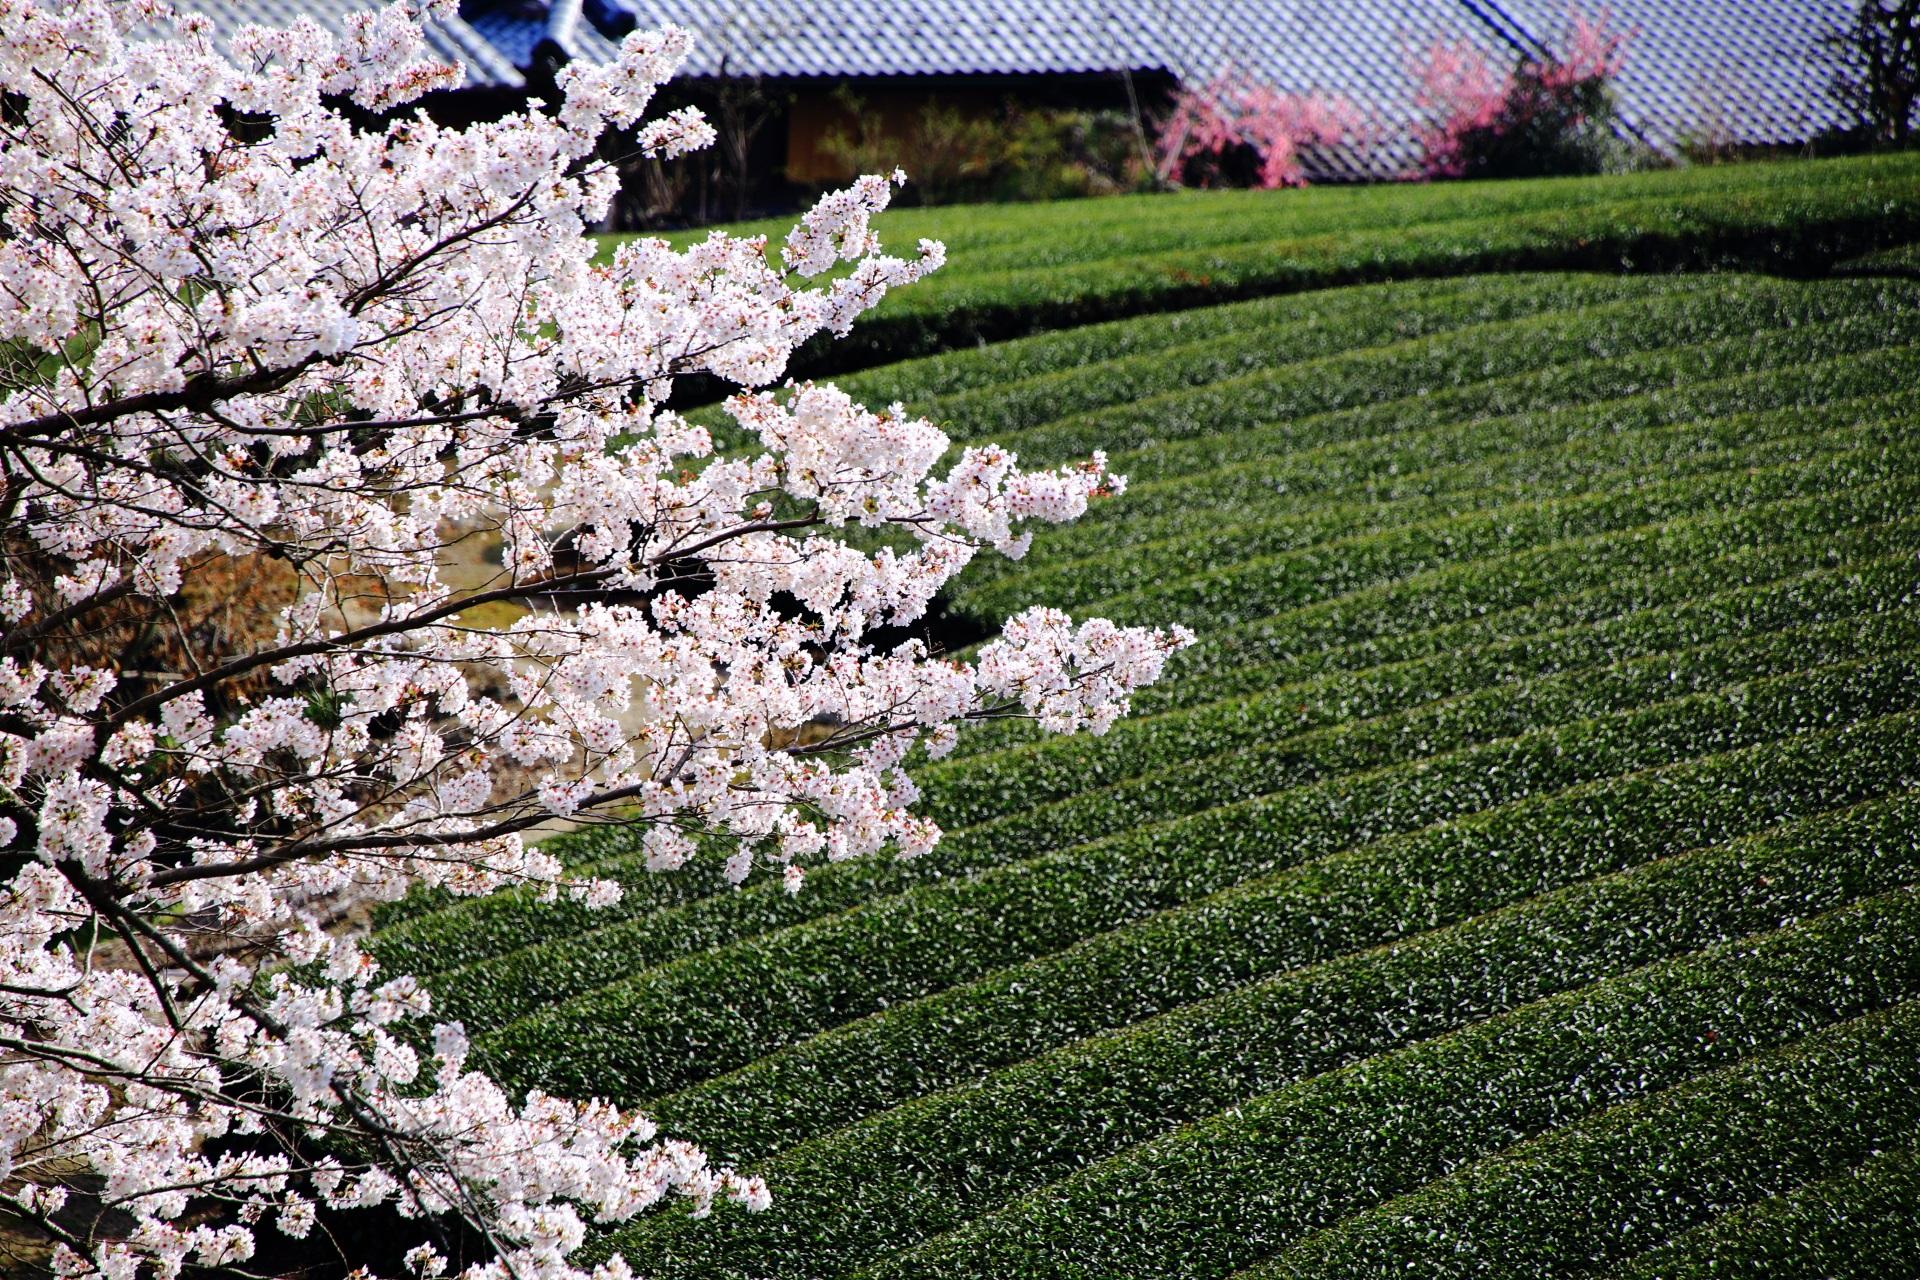 和束町の緑の茶畑に映える華やかな桜